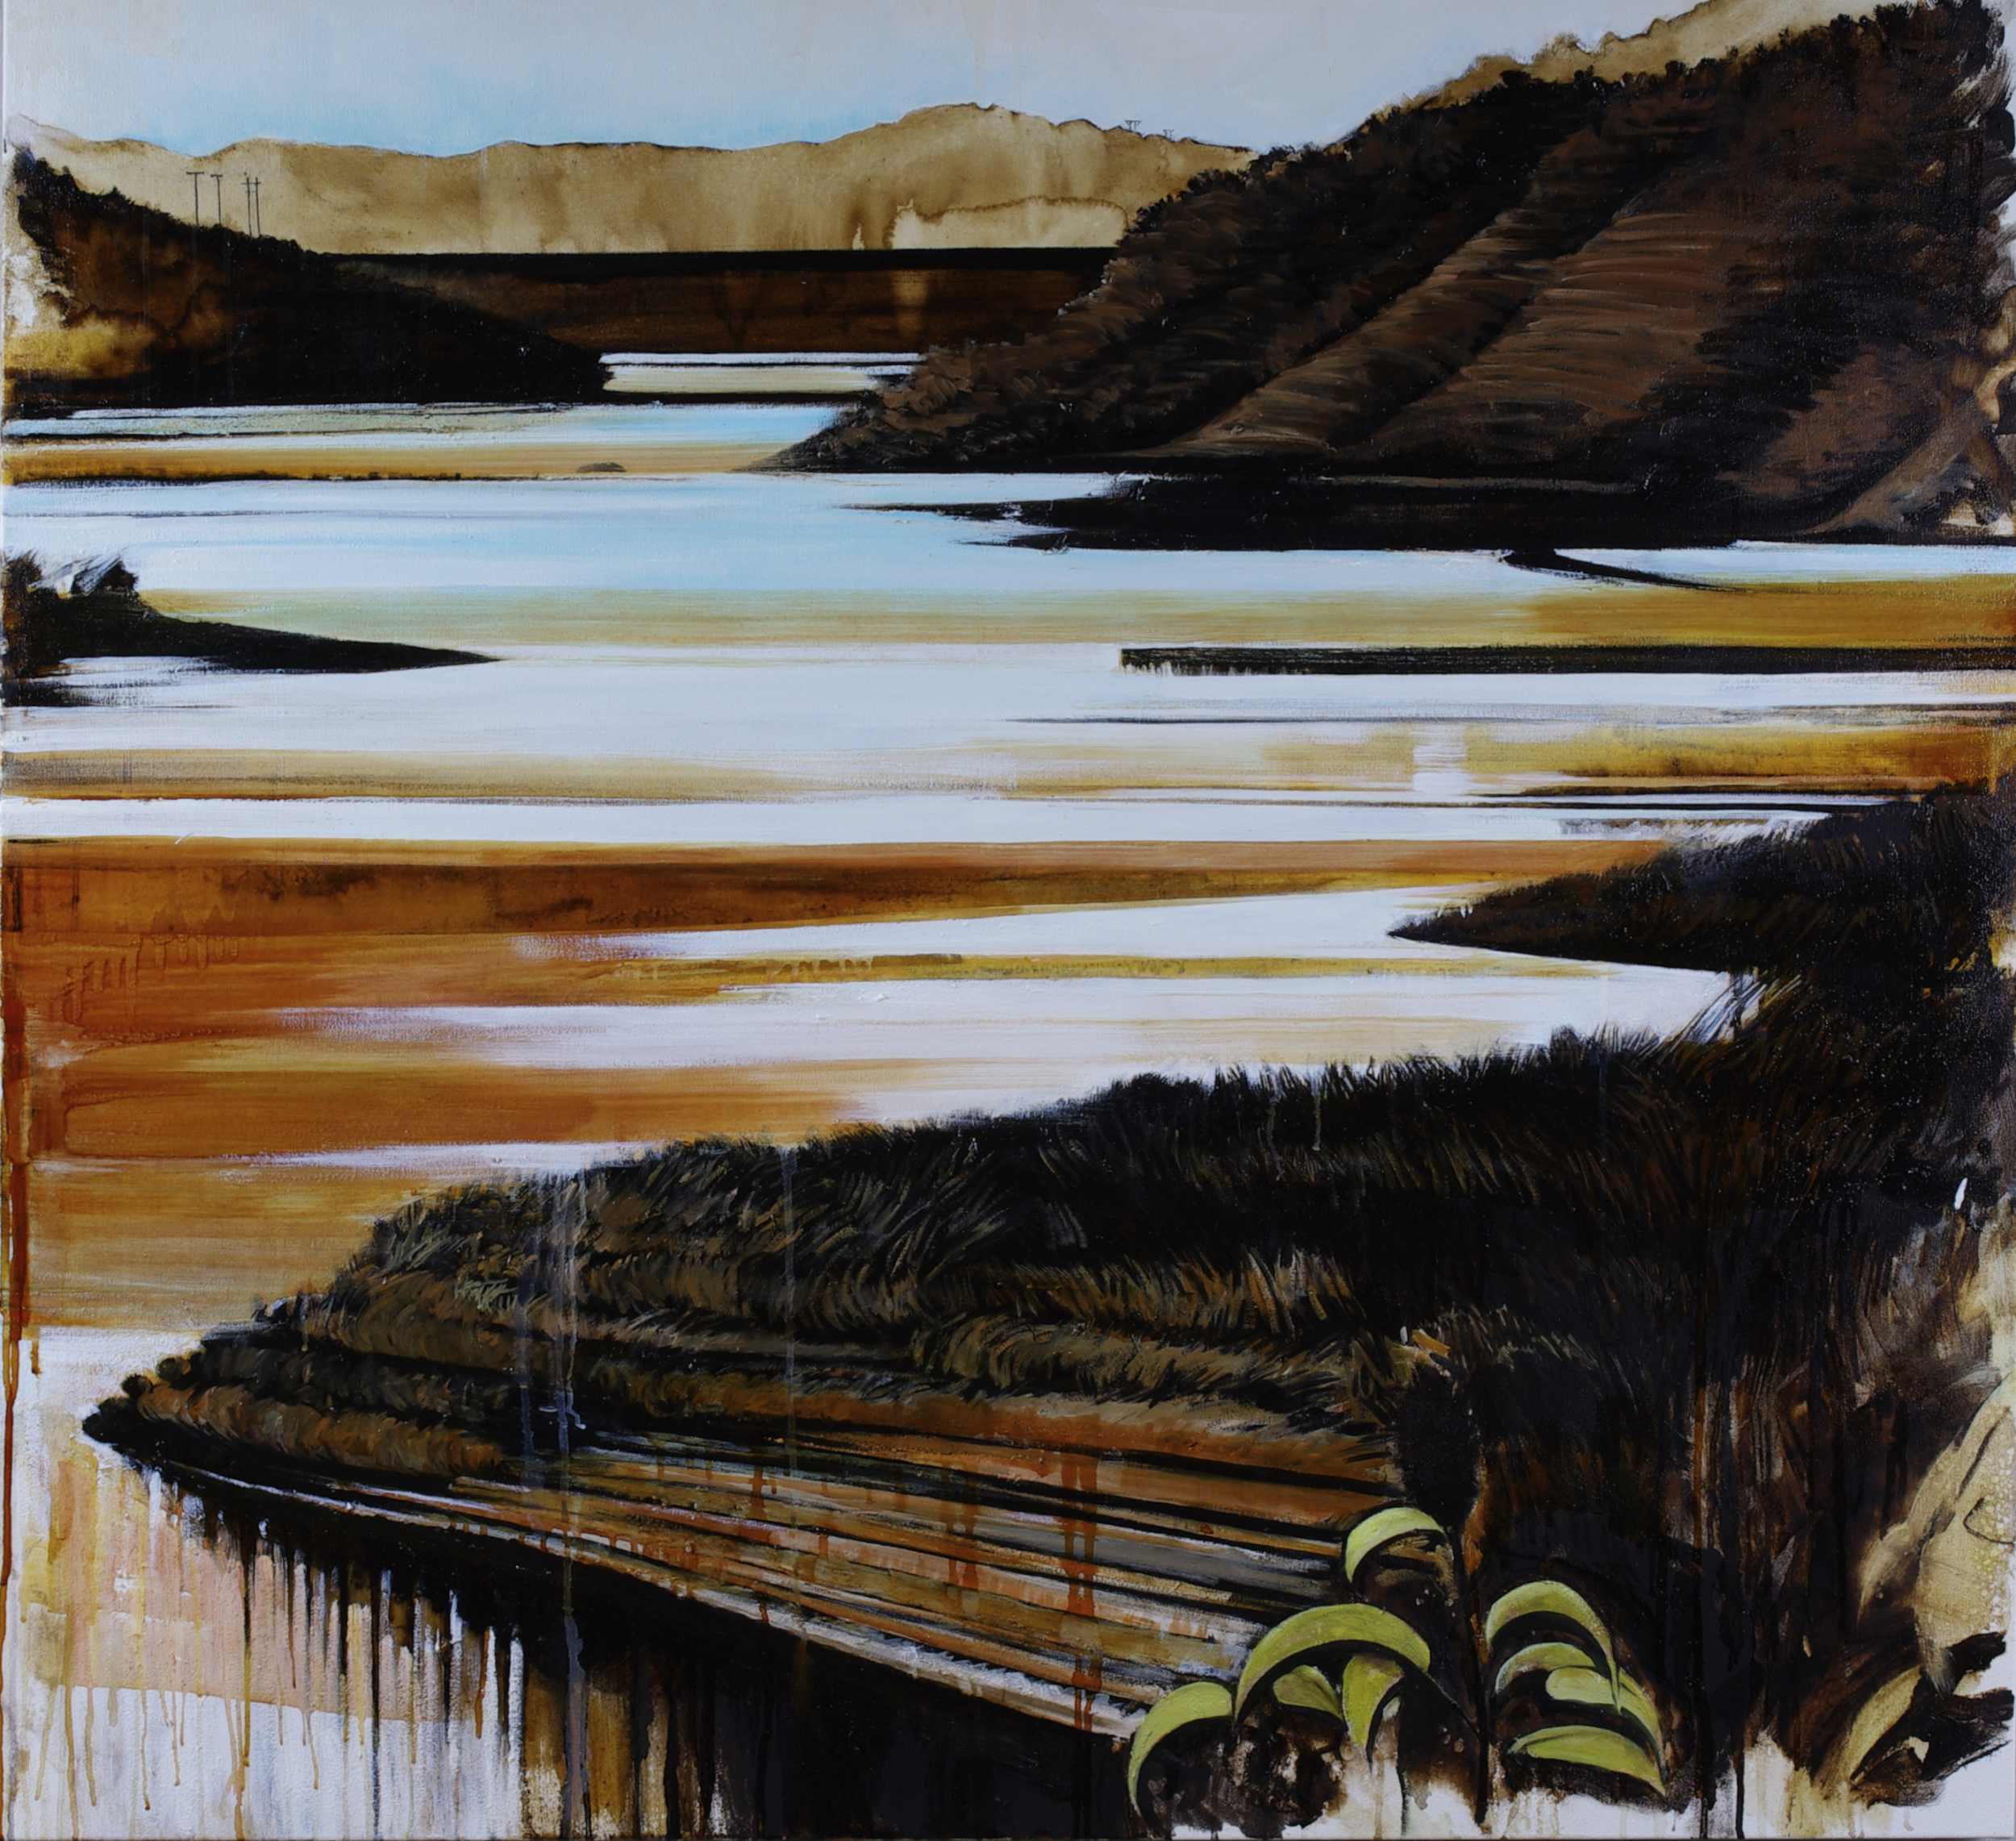 """Waterway #8 (Lake Casitas); Karen Kitchel©2018, 50""""x50"""", asphalt emulsion, oil, wax, powdered mineral pigments, shellac/canvas"""